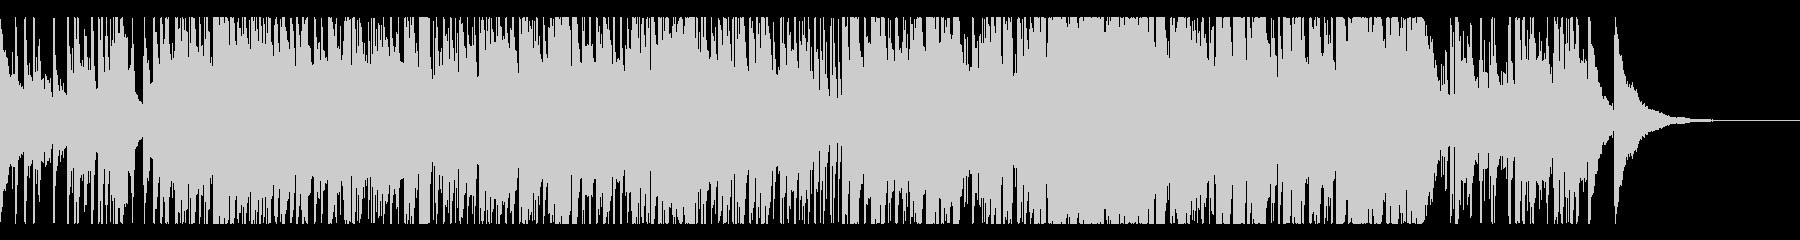 さわやかでエモーショナルなアコギデュオの未再生の波形